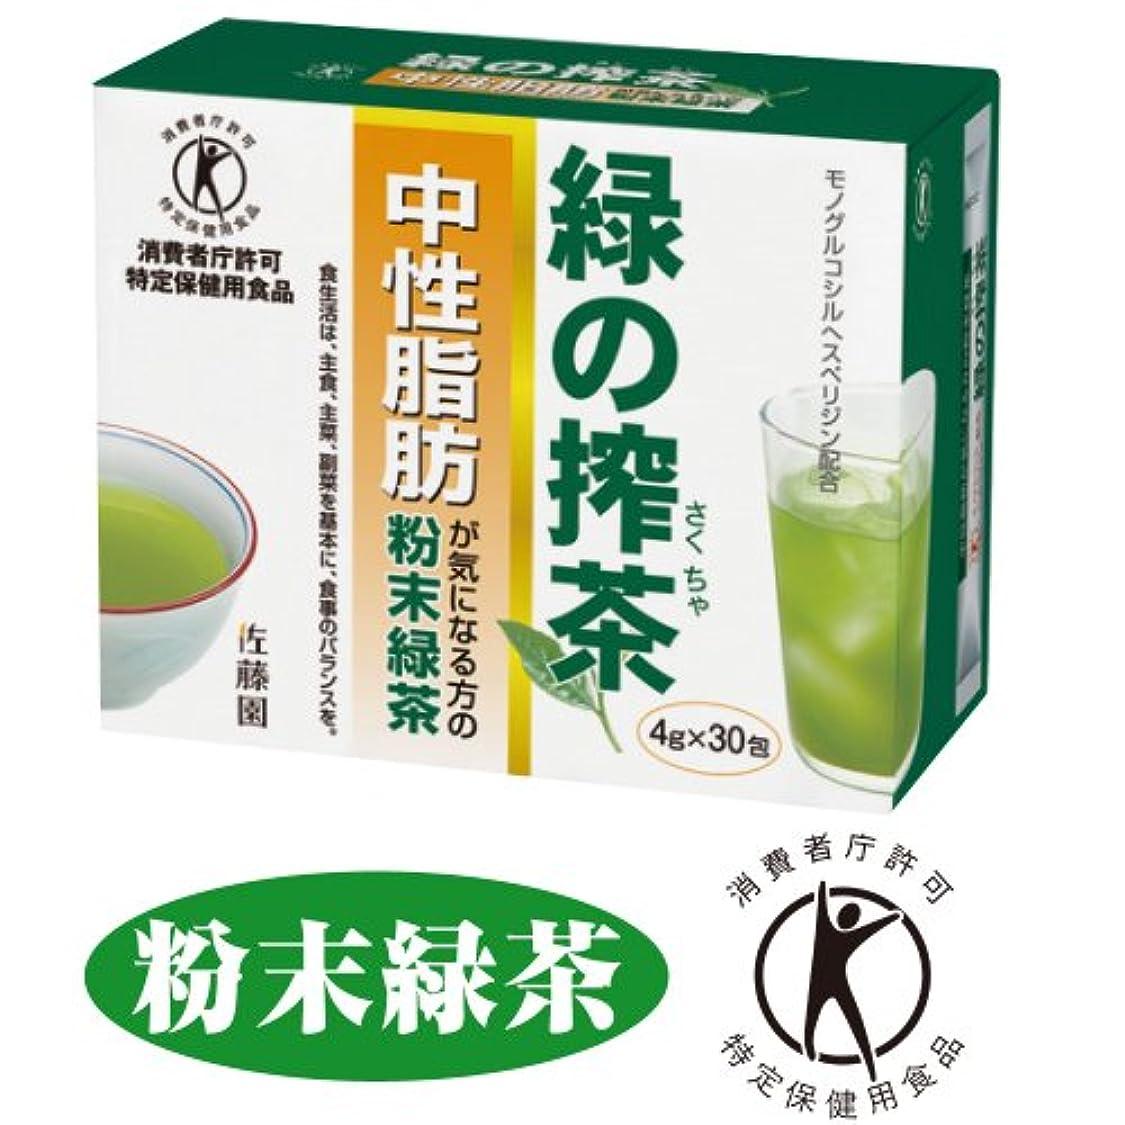 パスポート石灰岩ぐったり佐藤園のトクホのお茶 緑の搾茶(中性脂肪) 30包 [特定保健用食品]